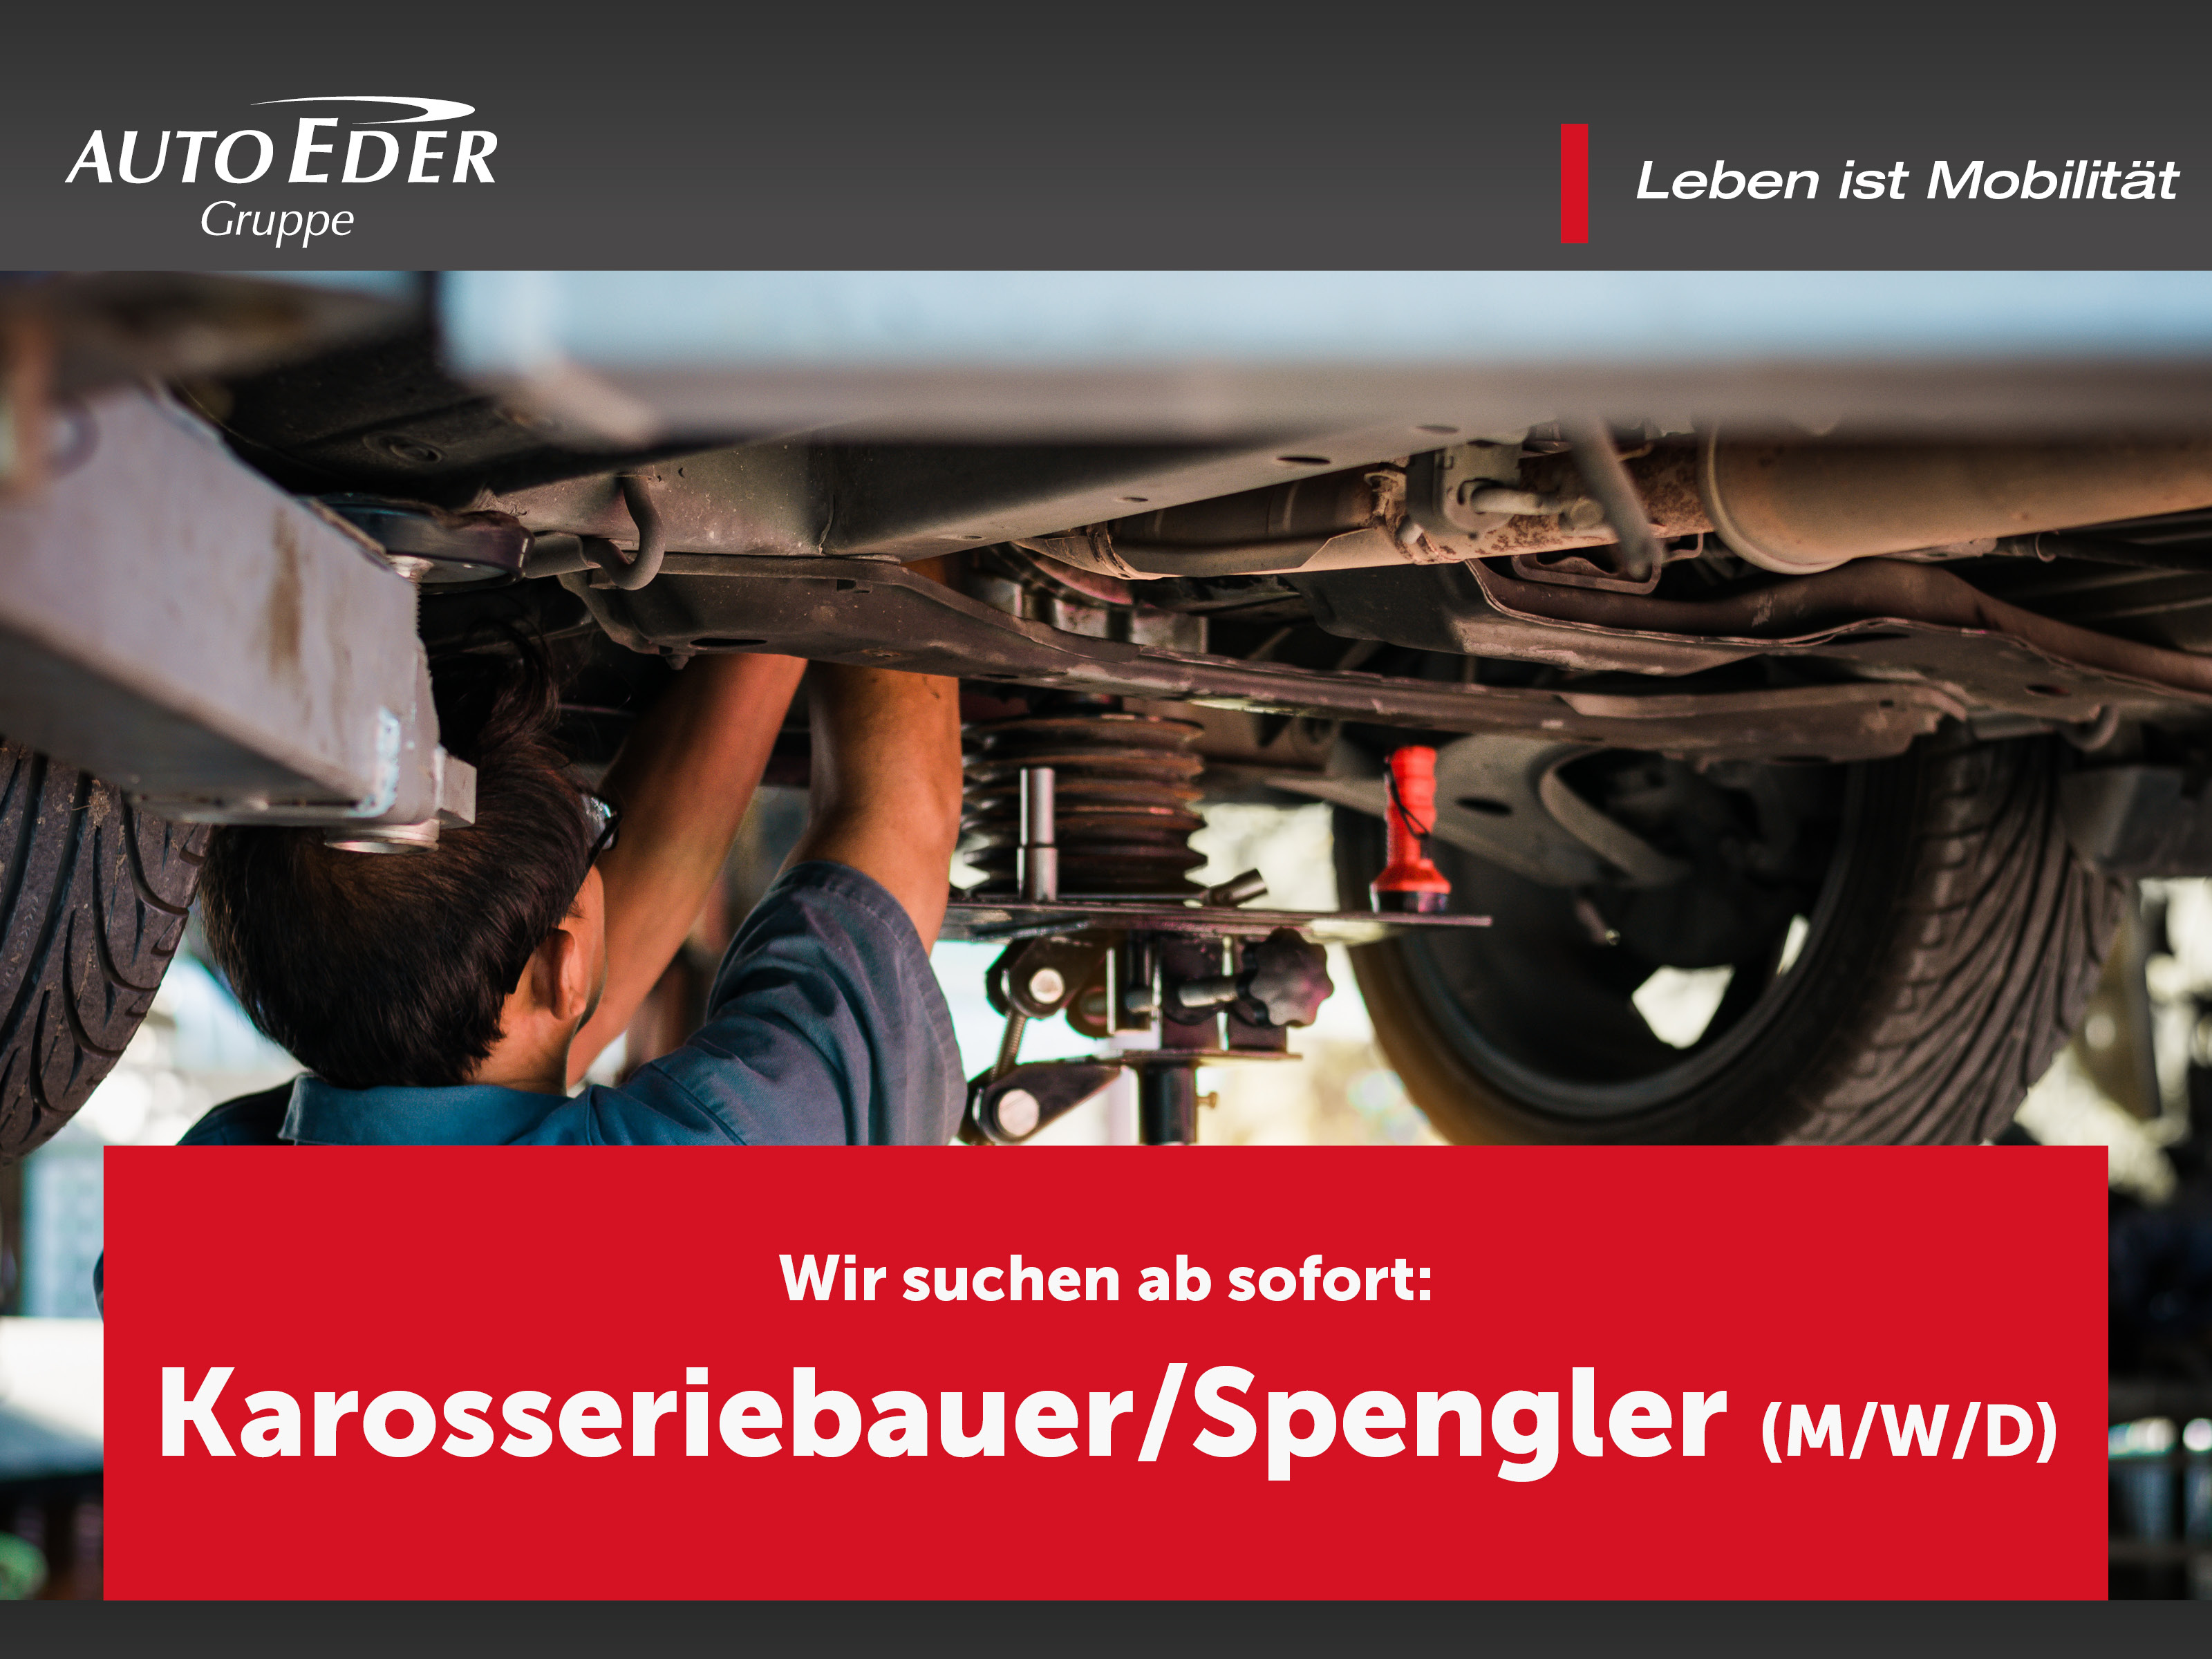 Spengler / Karosseriebauer / Kfz-Spengler (m/w/d)